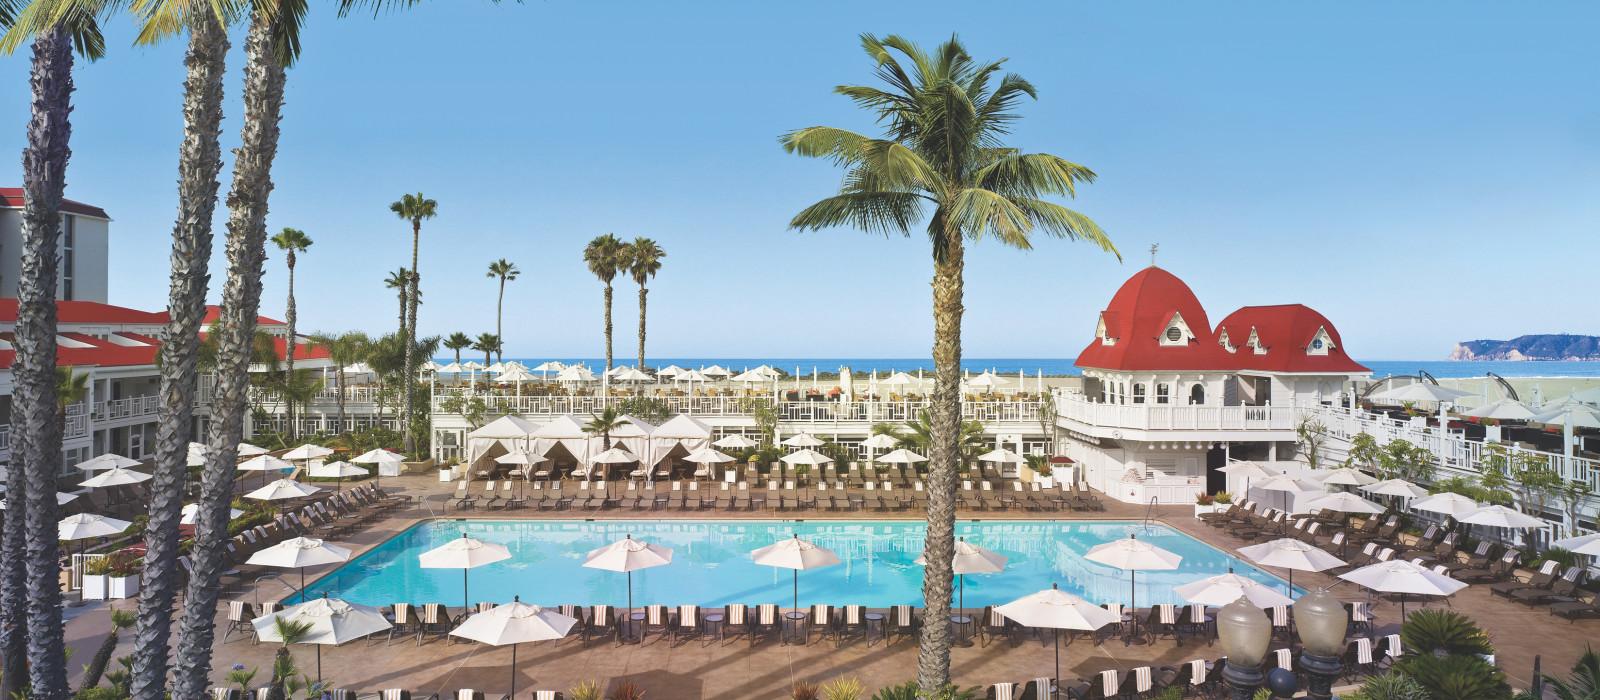 Hotel  del Coronado %region%